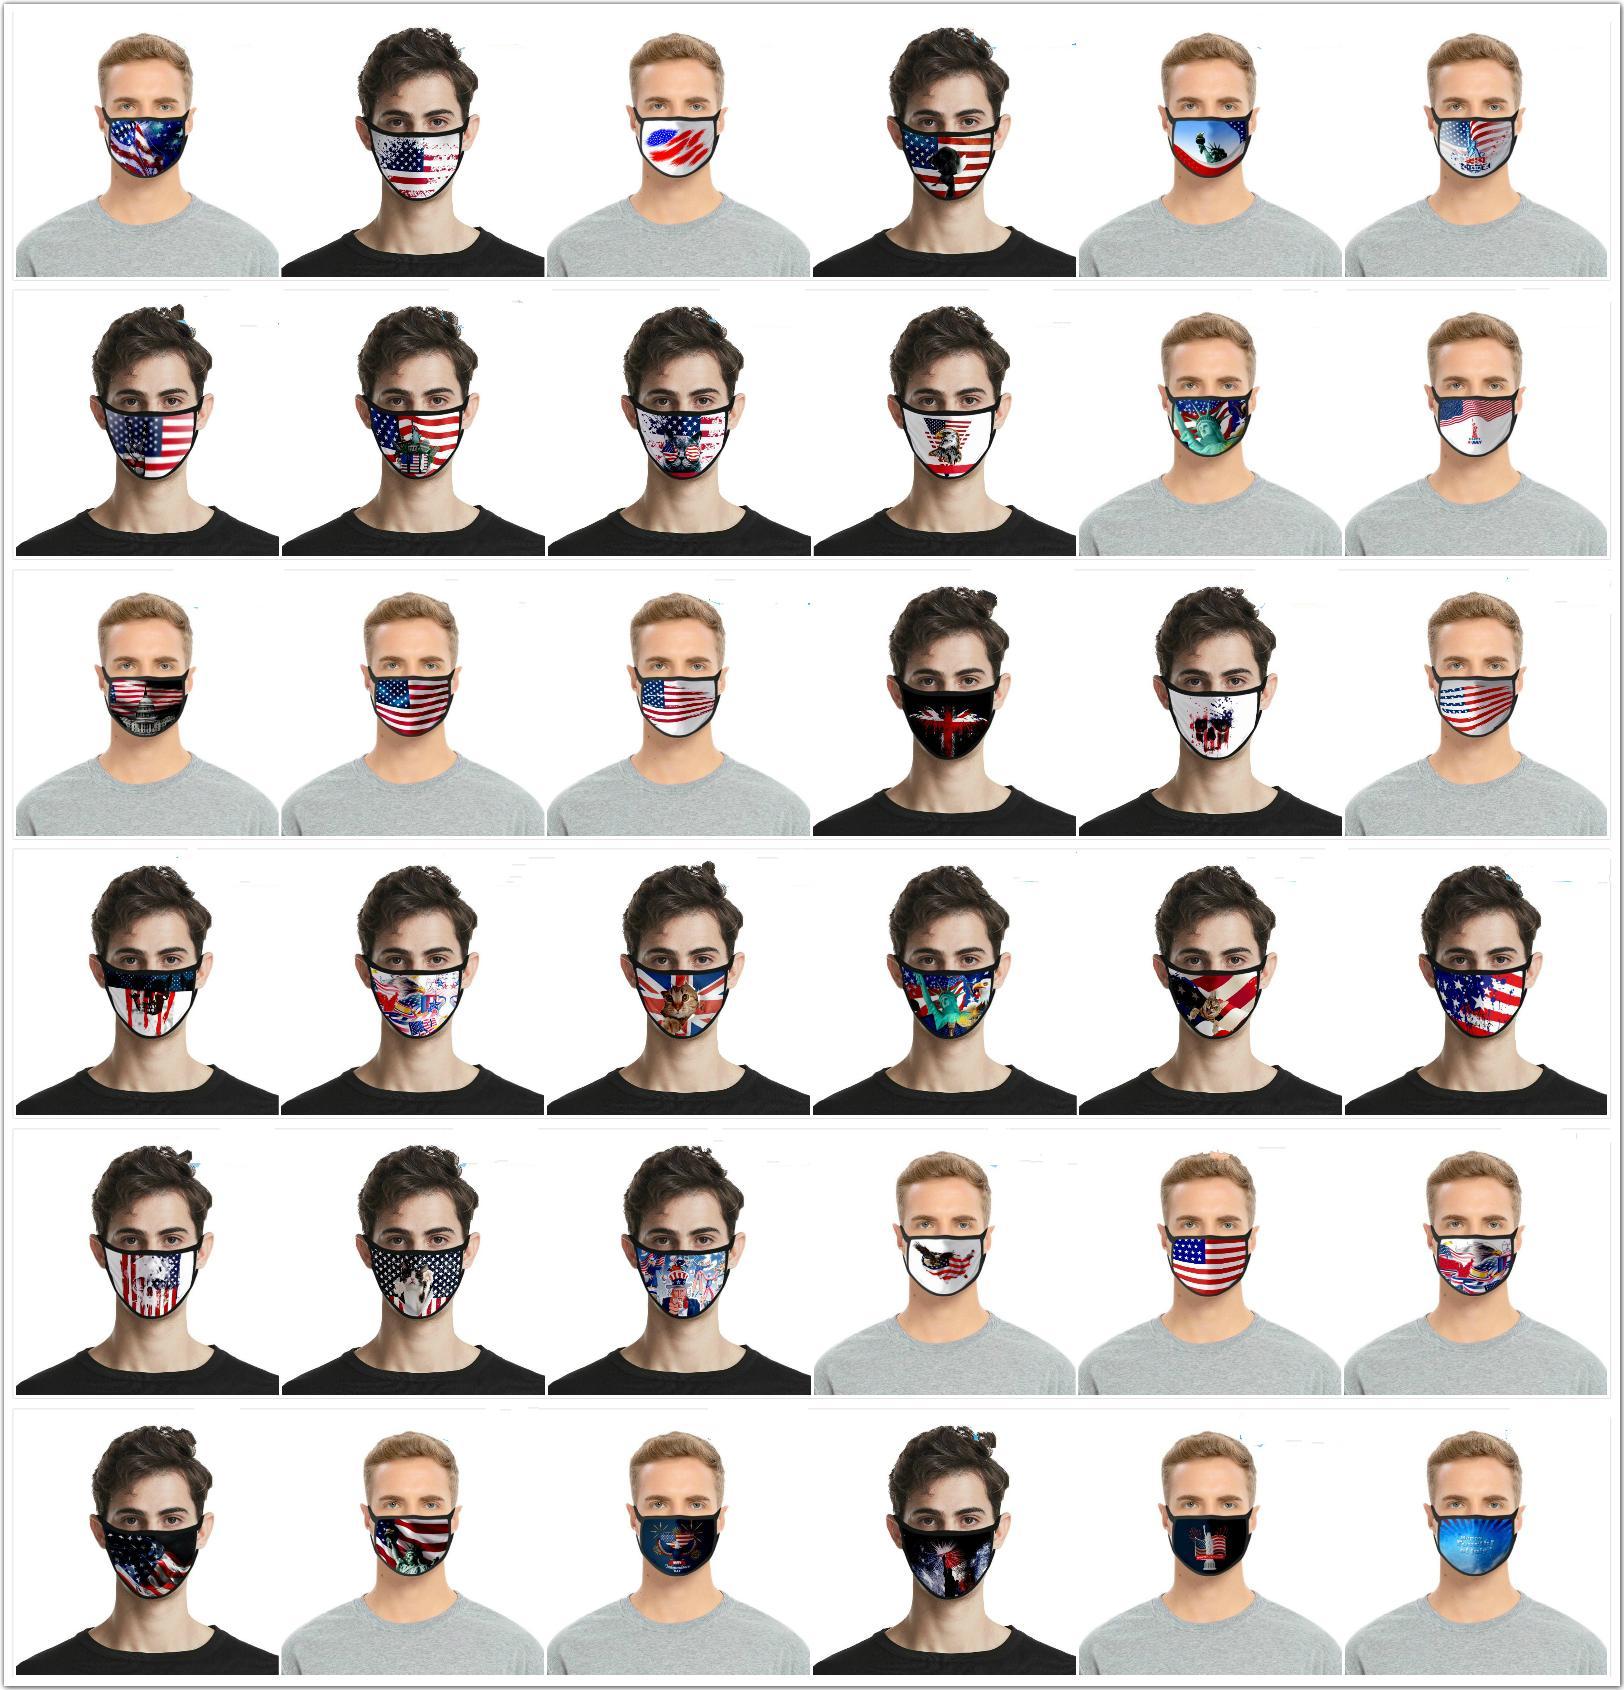 2020 العلم الأميركي قناع الوجه للأطفال الكبار الحجم الأمريكية يوم الاستقلال الغبار الأزياء الطباعة الثلج الحرير قناع الوجه قناع قابل للغسل